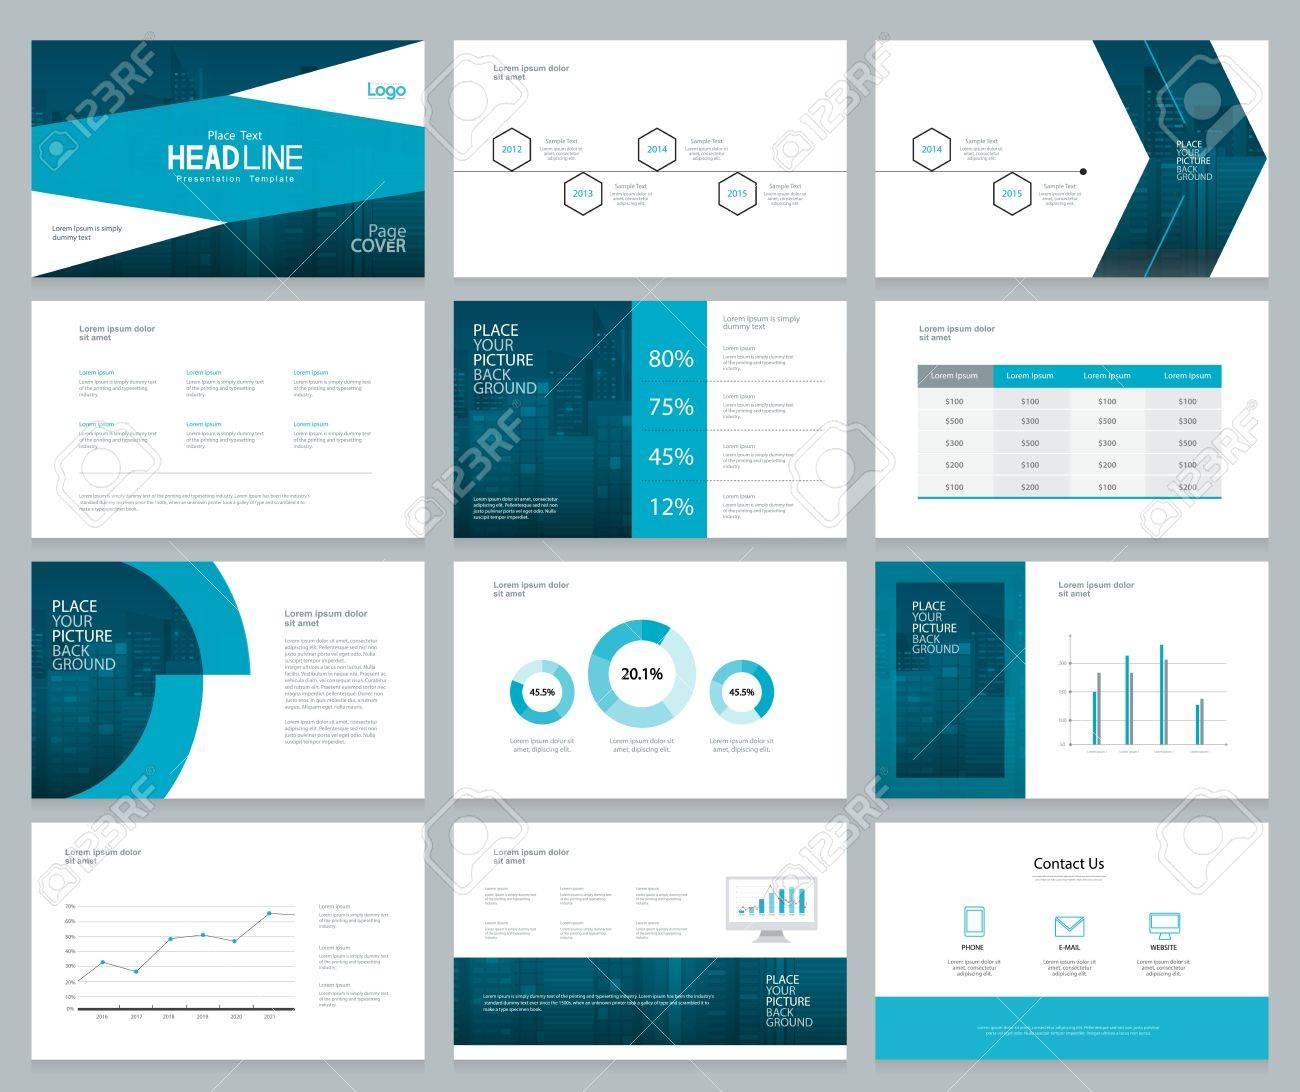 ビジネス プレゼンテーション デザイン テンプレートやページ レイアウト